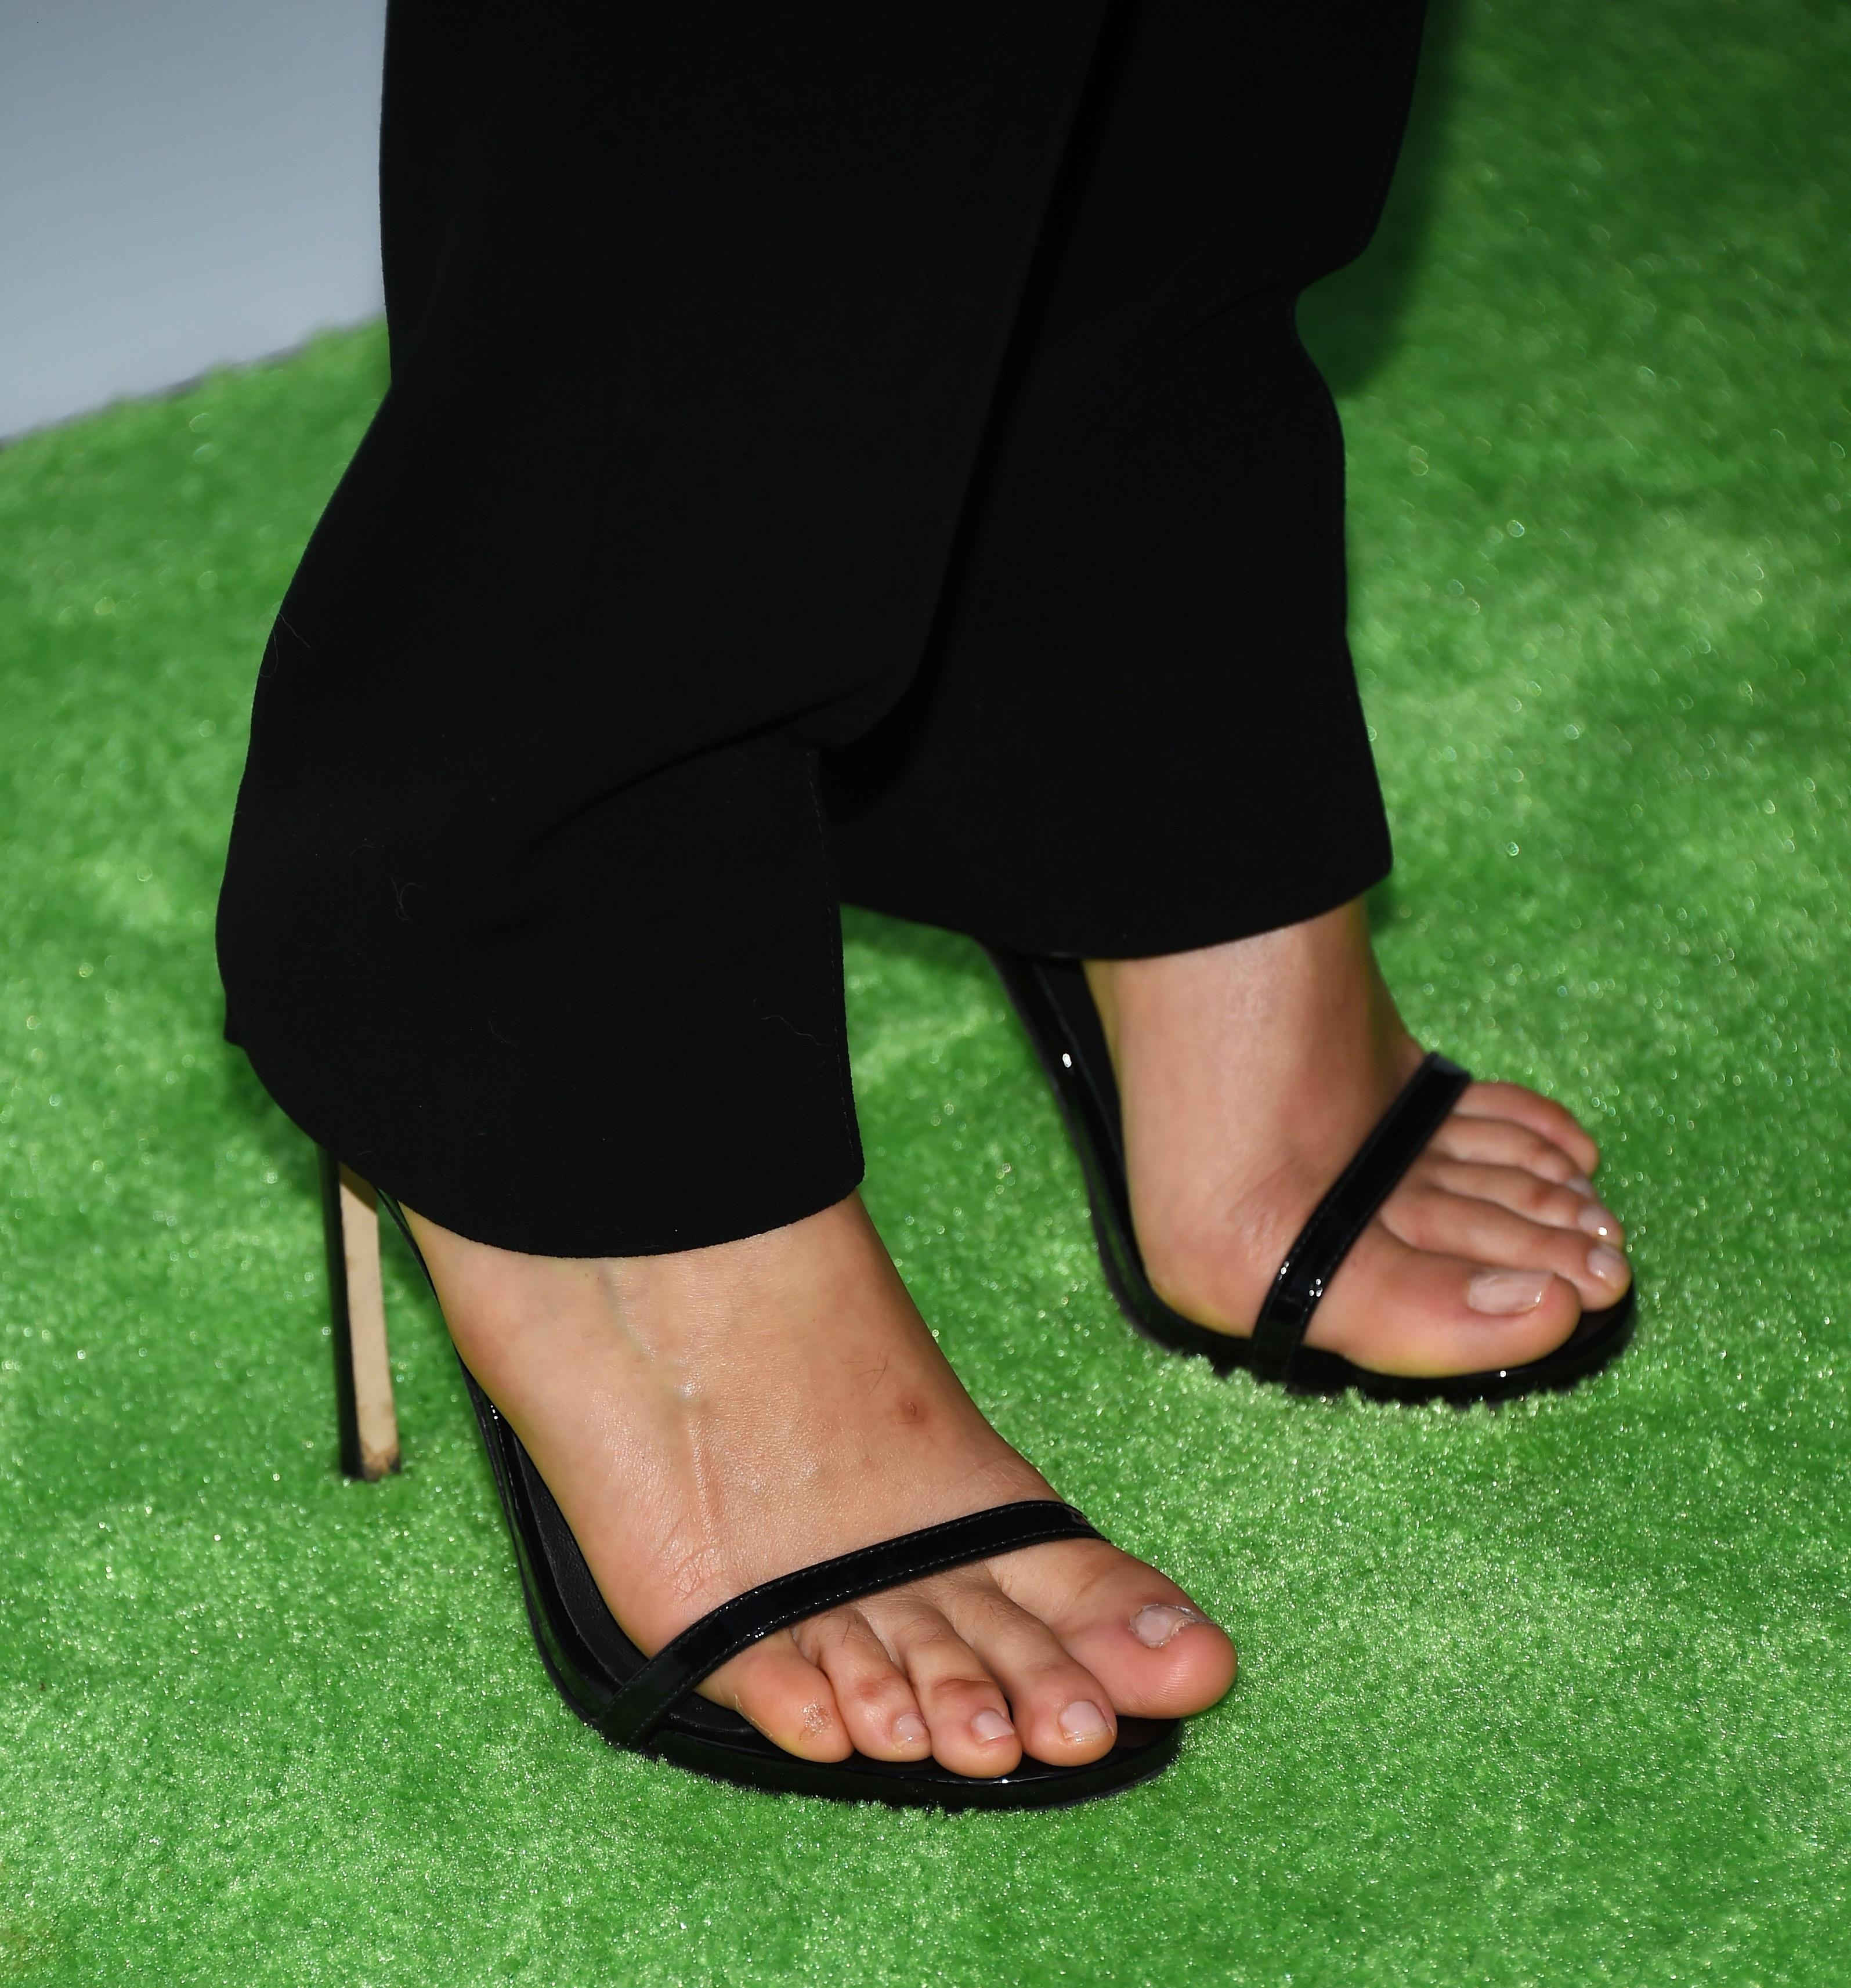 Nikki Reed S Feet